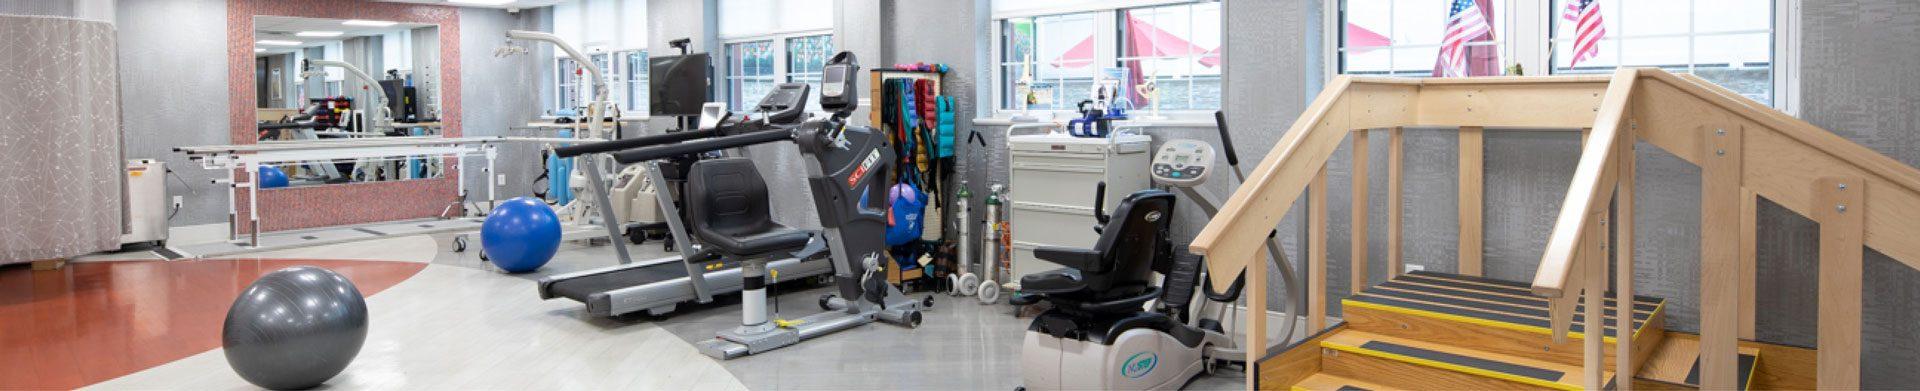 Little Neck Care Center Fitness Center